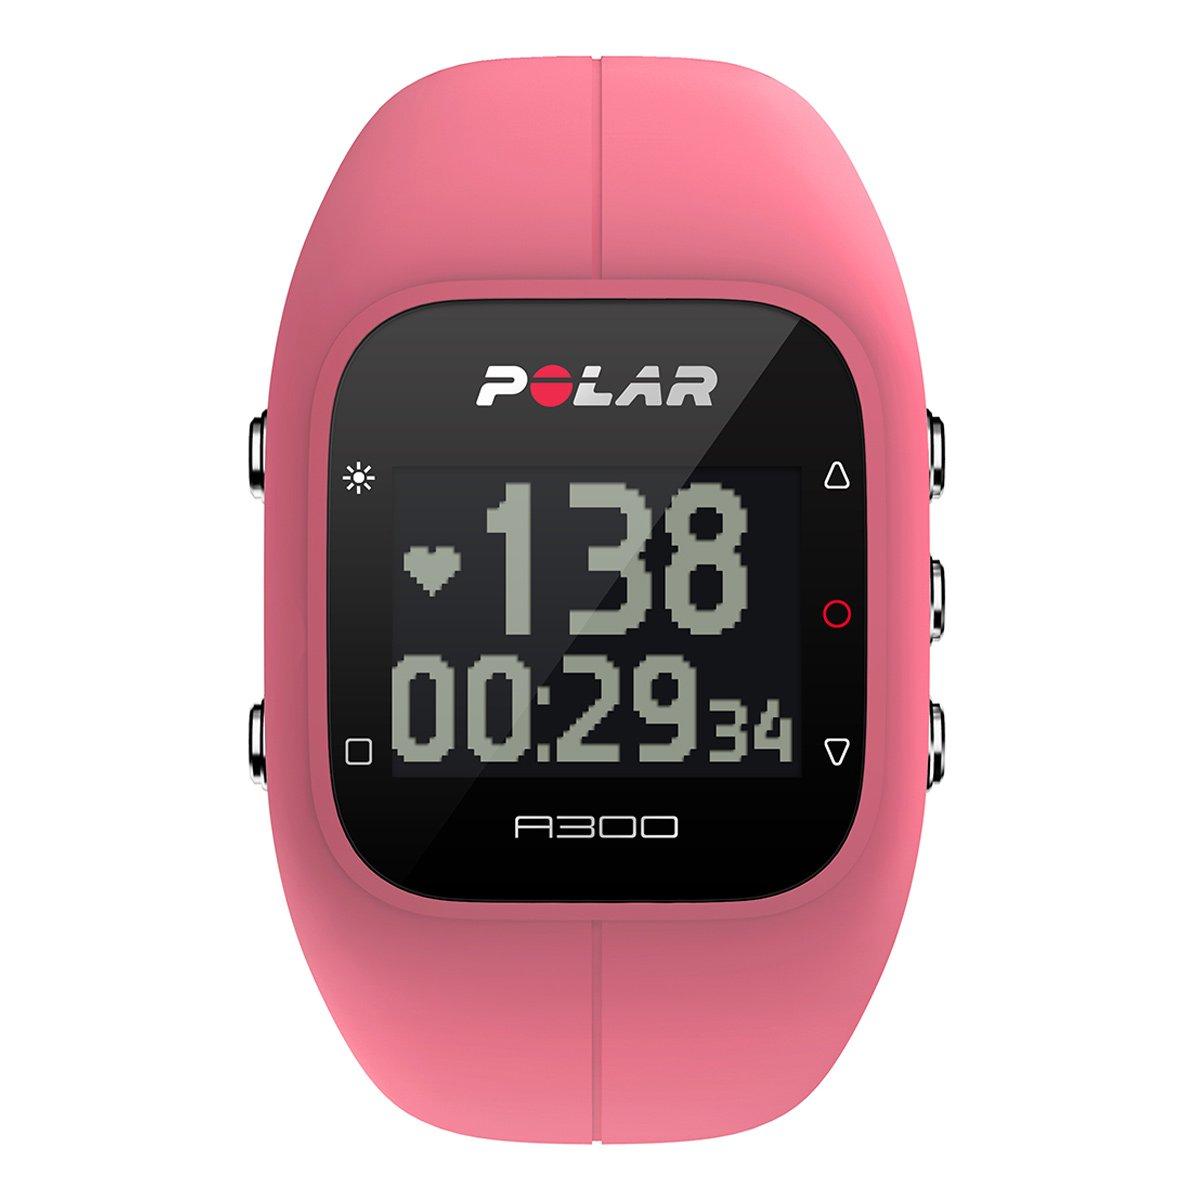 Relógio c  Monitor Cardíco Polar A300 - Compre Agora   Netshoes 84d7e52415